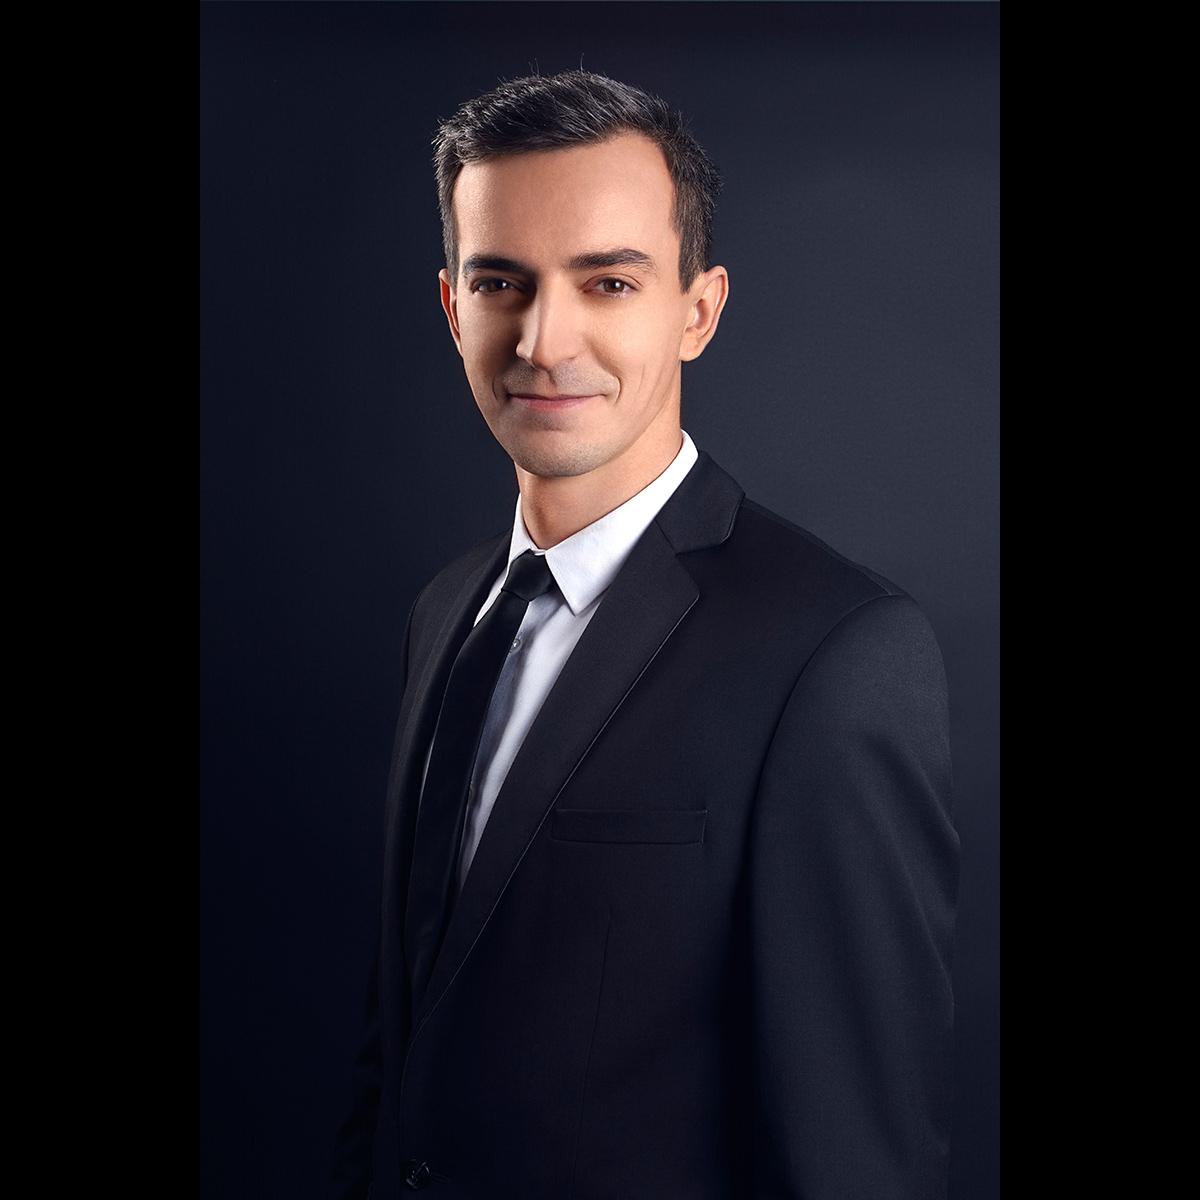 Łukasz Liszko - fotografia biznesowa - wizerunkowa - DJ Karol Michalewicz